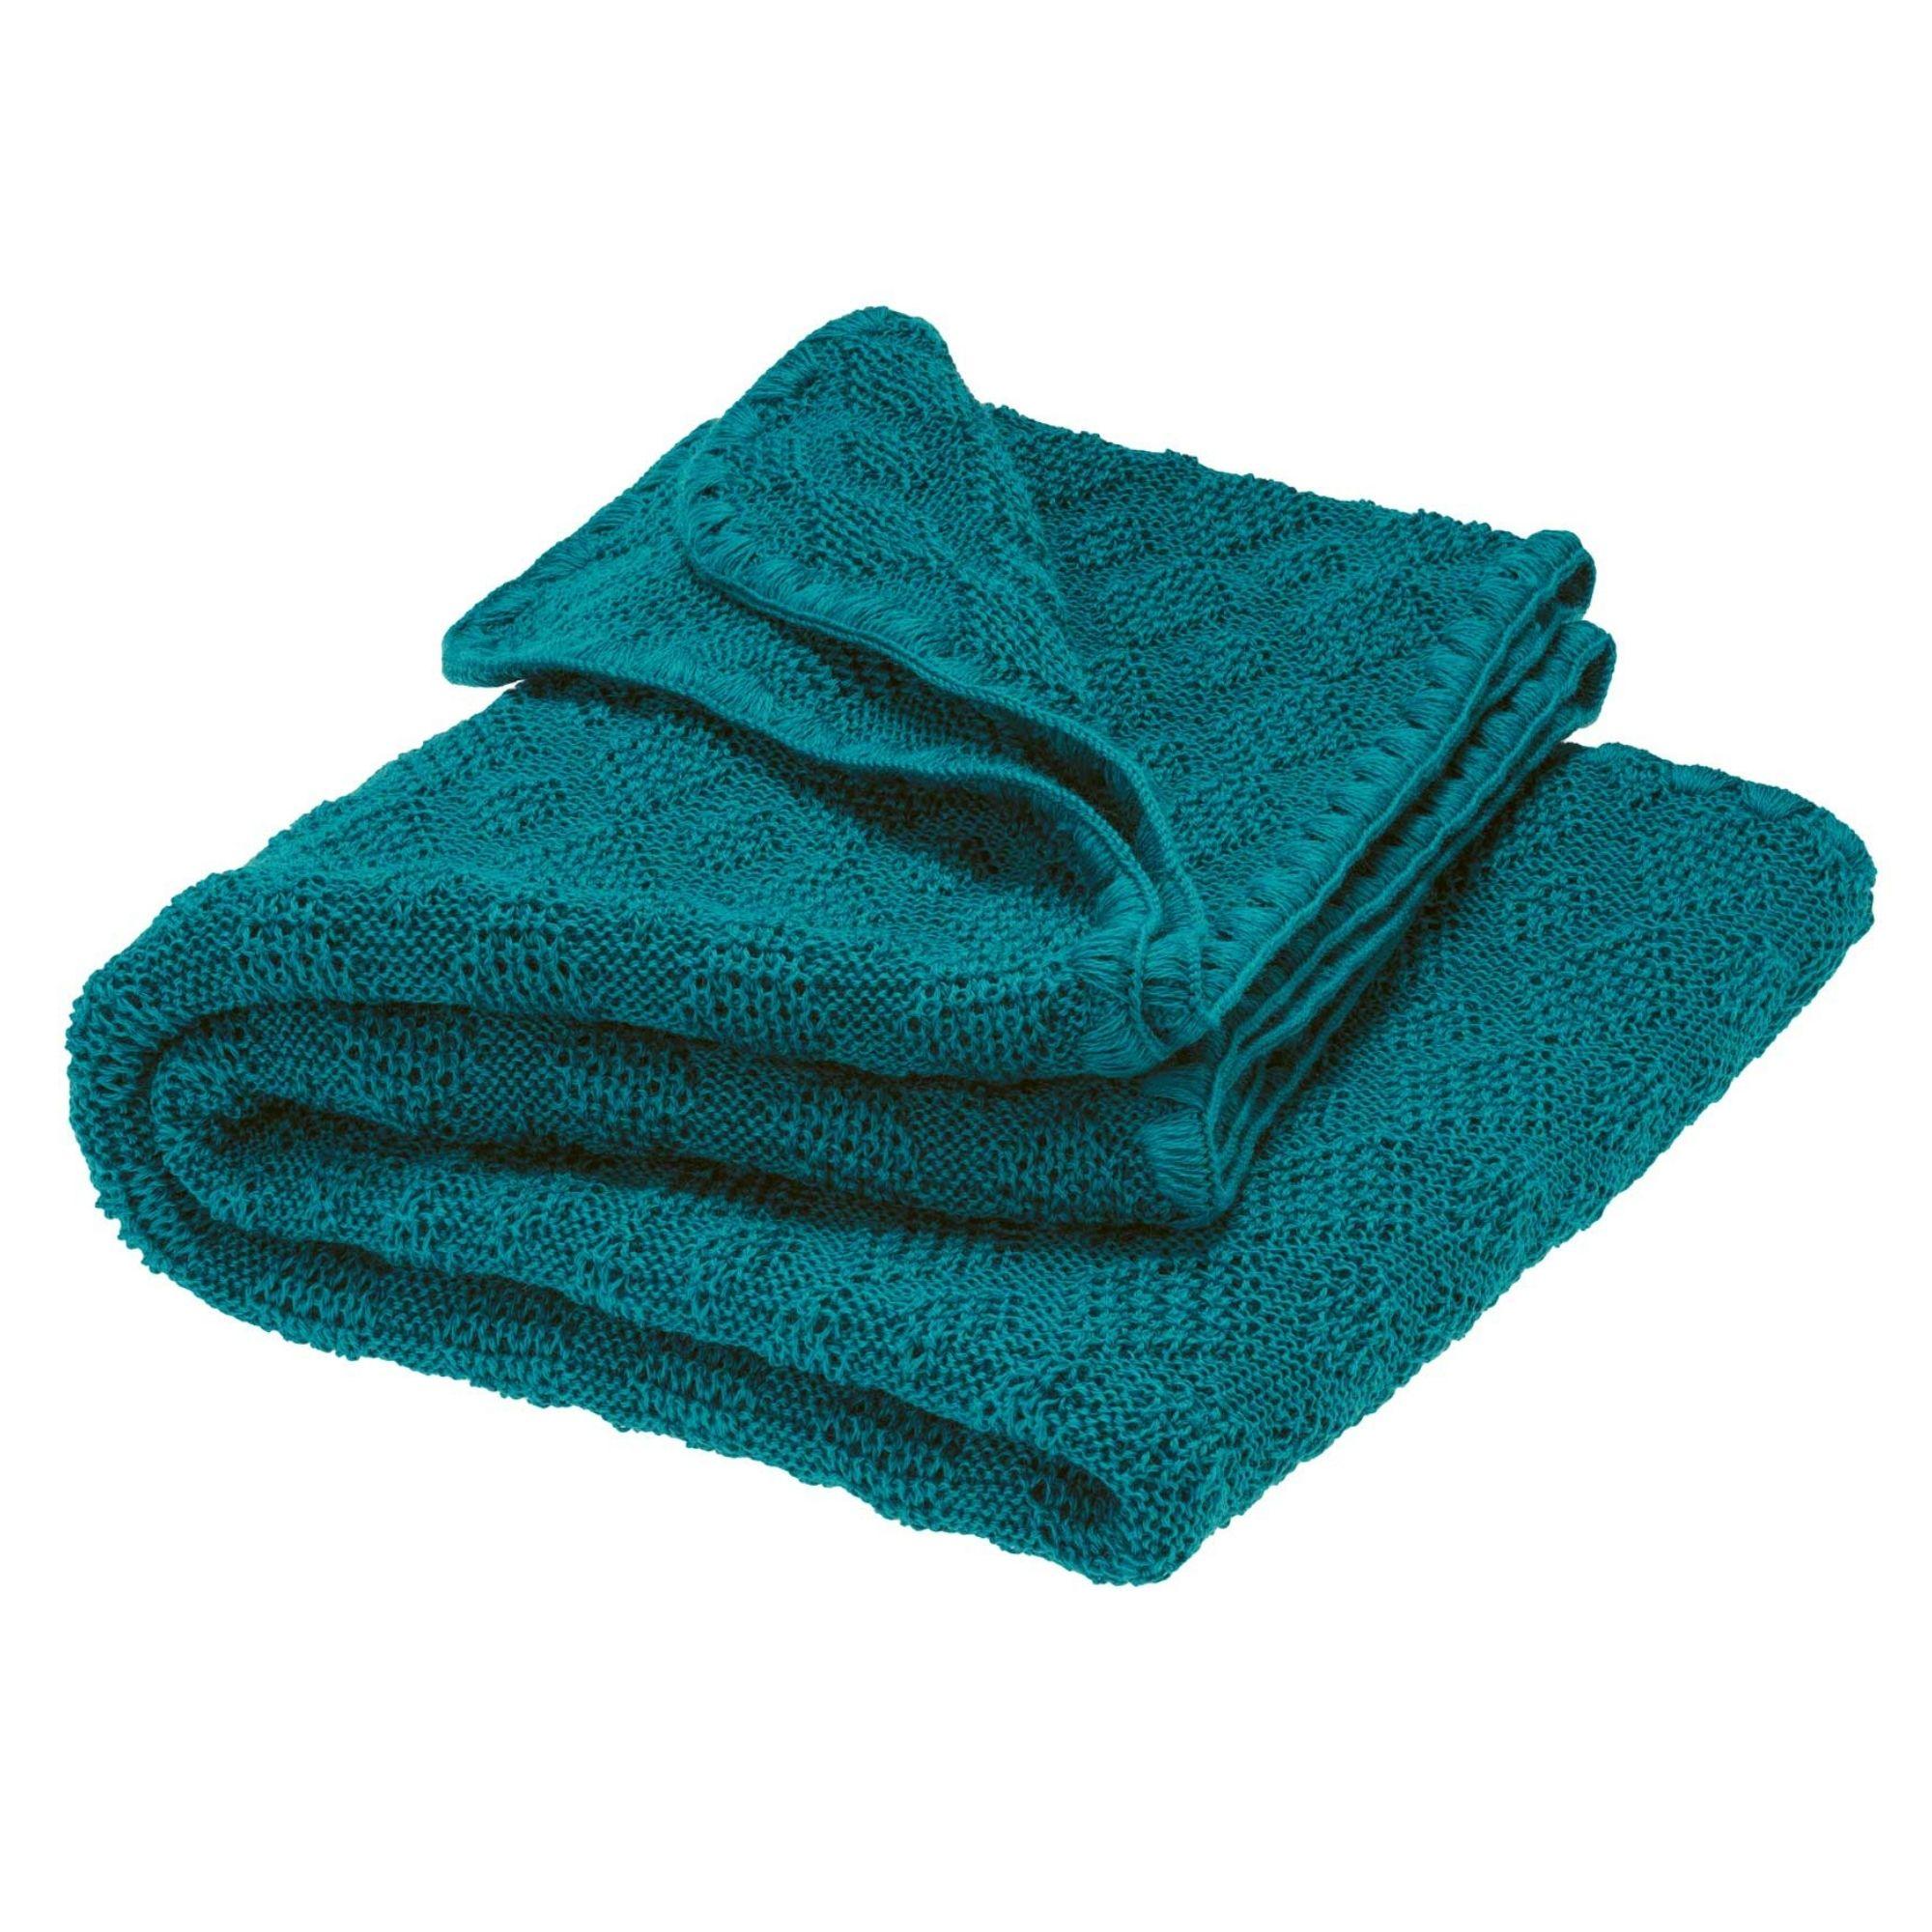 DISANA - Couverture tricotée - Laine mérinos - PACIFIC - ORIGINALE